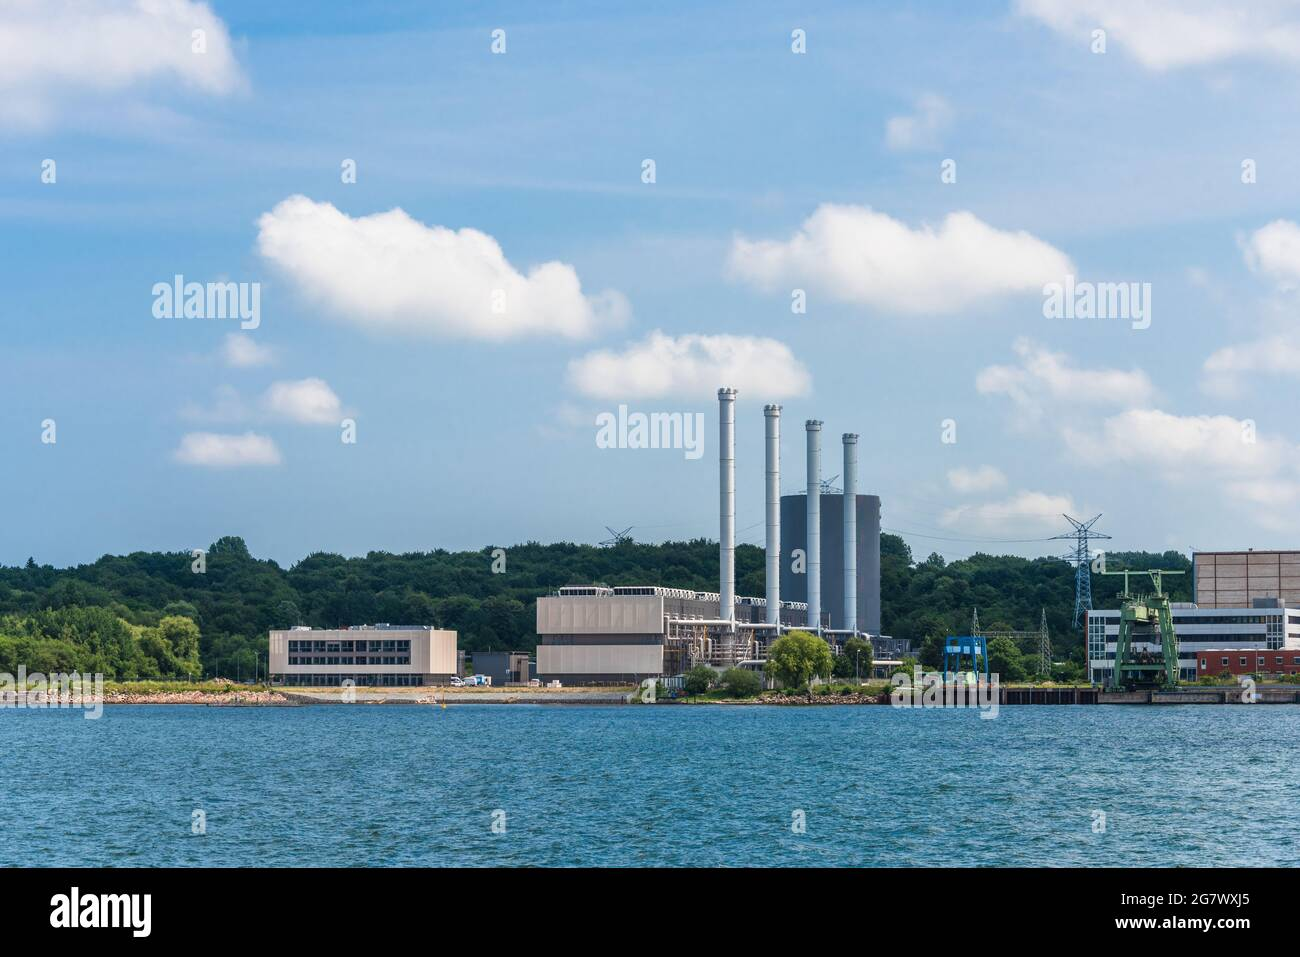 Das auf dem Ostufer der Kiler Förde befindliche Gaskraftwerk zur Wärmegewinnung Stock Photo